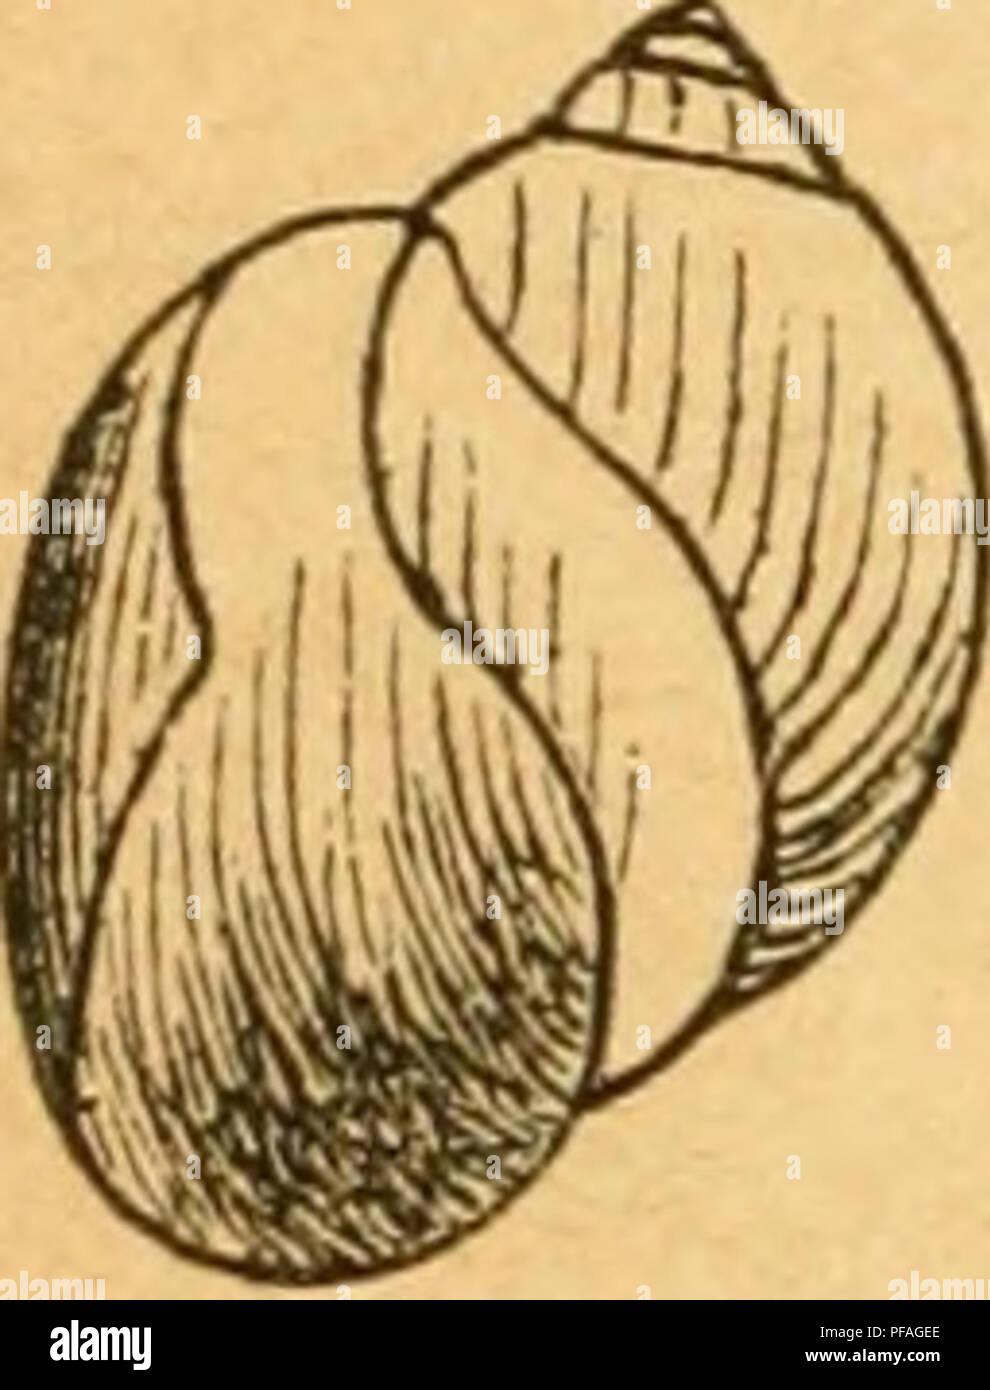 . Deutsche Ausflüge - Mollusken - Fauna. Muscheln. 400 Schwein. 262. 1. Var. Bulla, Müller, verm.bist. IL S. 167. Physa, Fönt. Var. Ss iuflata, MBM. Tehen., bist. Moll. Frankreich II S. 451 t. 32 Abb. 13. ^---- div. 1. - Jefifreys Brit. Conch. I. S. 98. - Hulla, Mörch, Syn. Moll. Daniae s. 45. - Westerlunä, Fauna Moll. Suec. S. 354. 10412: breit-eiförmig, Umgänge rascher zanehmend, der letzte mehr erweitert, nach oben gegen die Naht etwas abgeflacht und schnelle win-kelig umgebogen; Mündung weiter, mit sehr breitem Spindelumschlag. Länge 12 mm, Breite 8 mm. Verbreitung. Nur im nördlichen Theile sind Stockbild